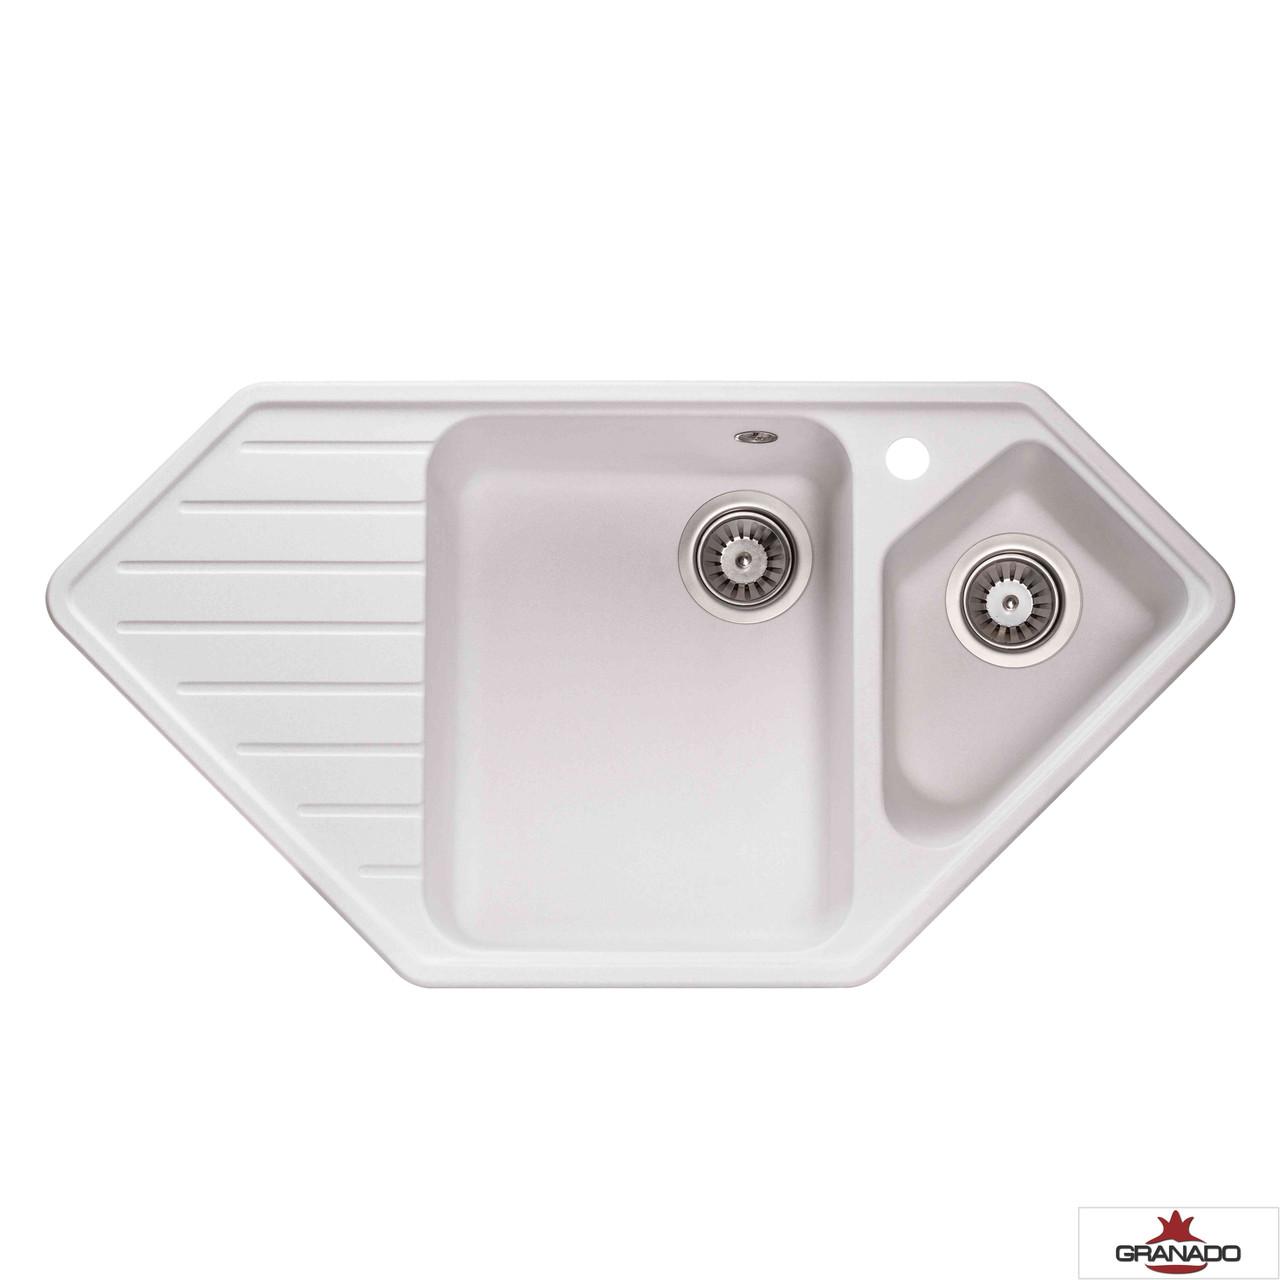 Мойка Ibiza White из гранита с двумя чашами и крылом от производителя Granado